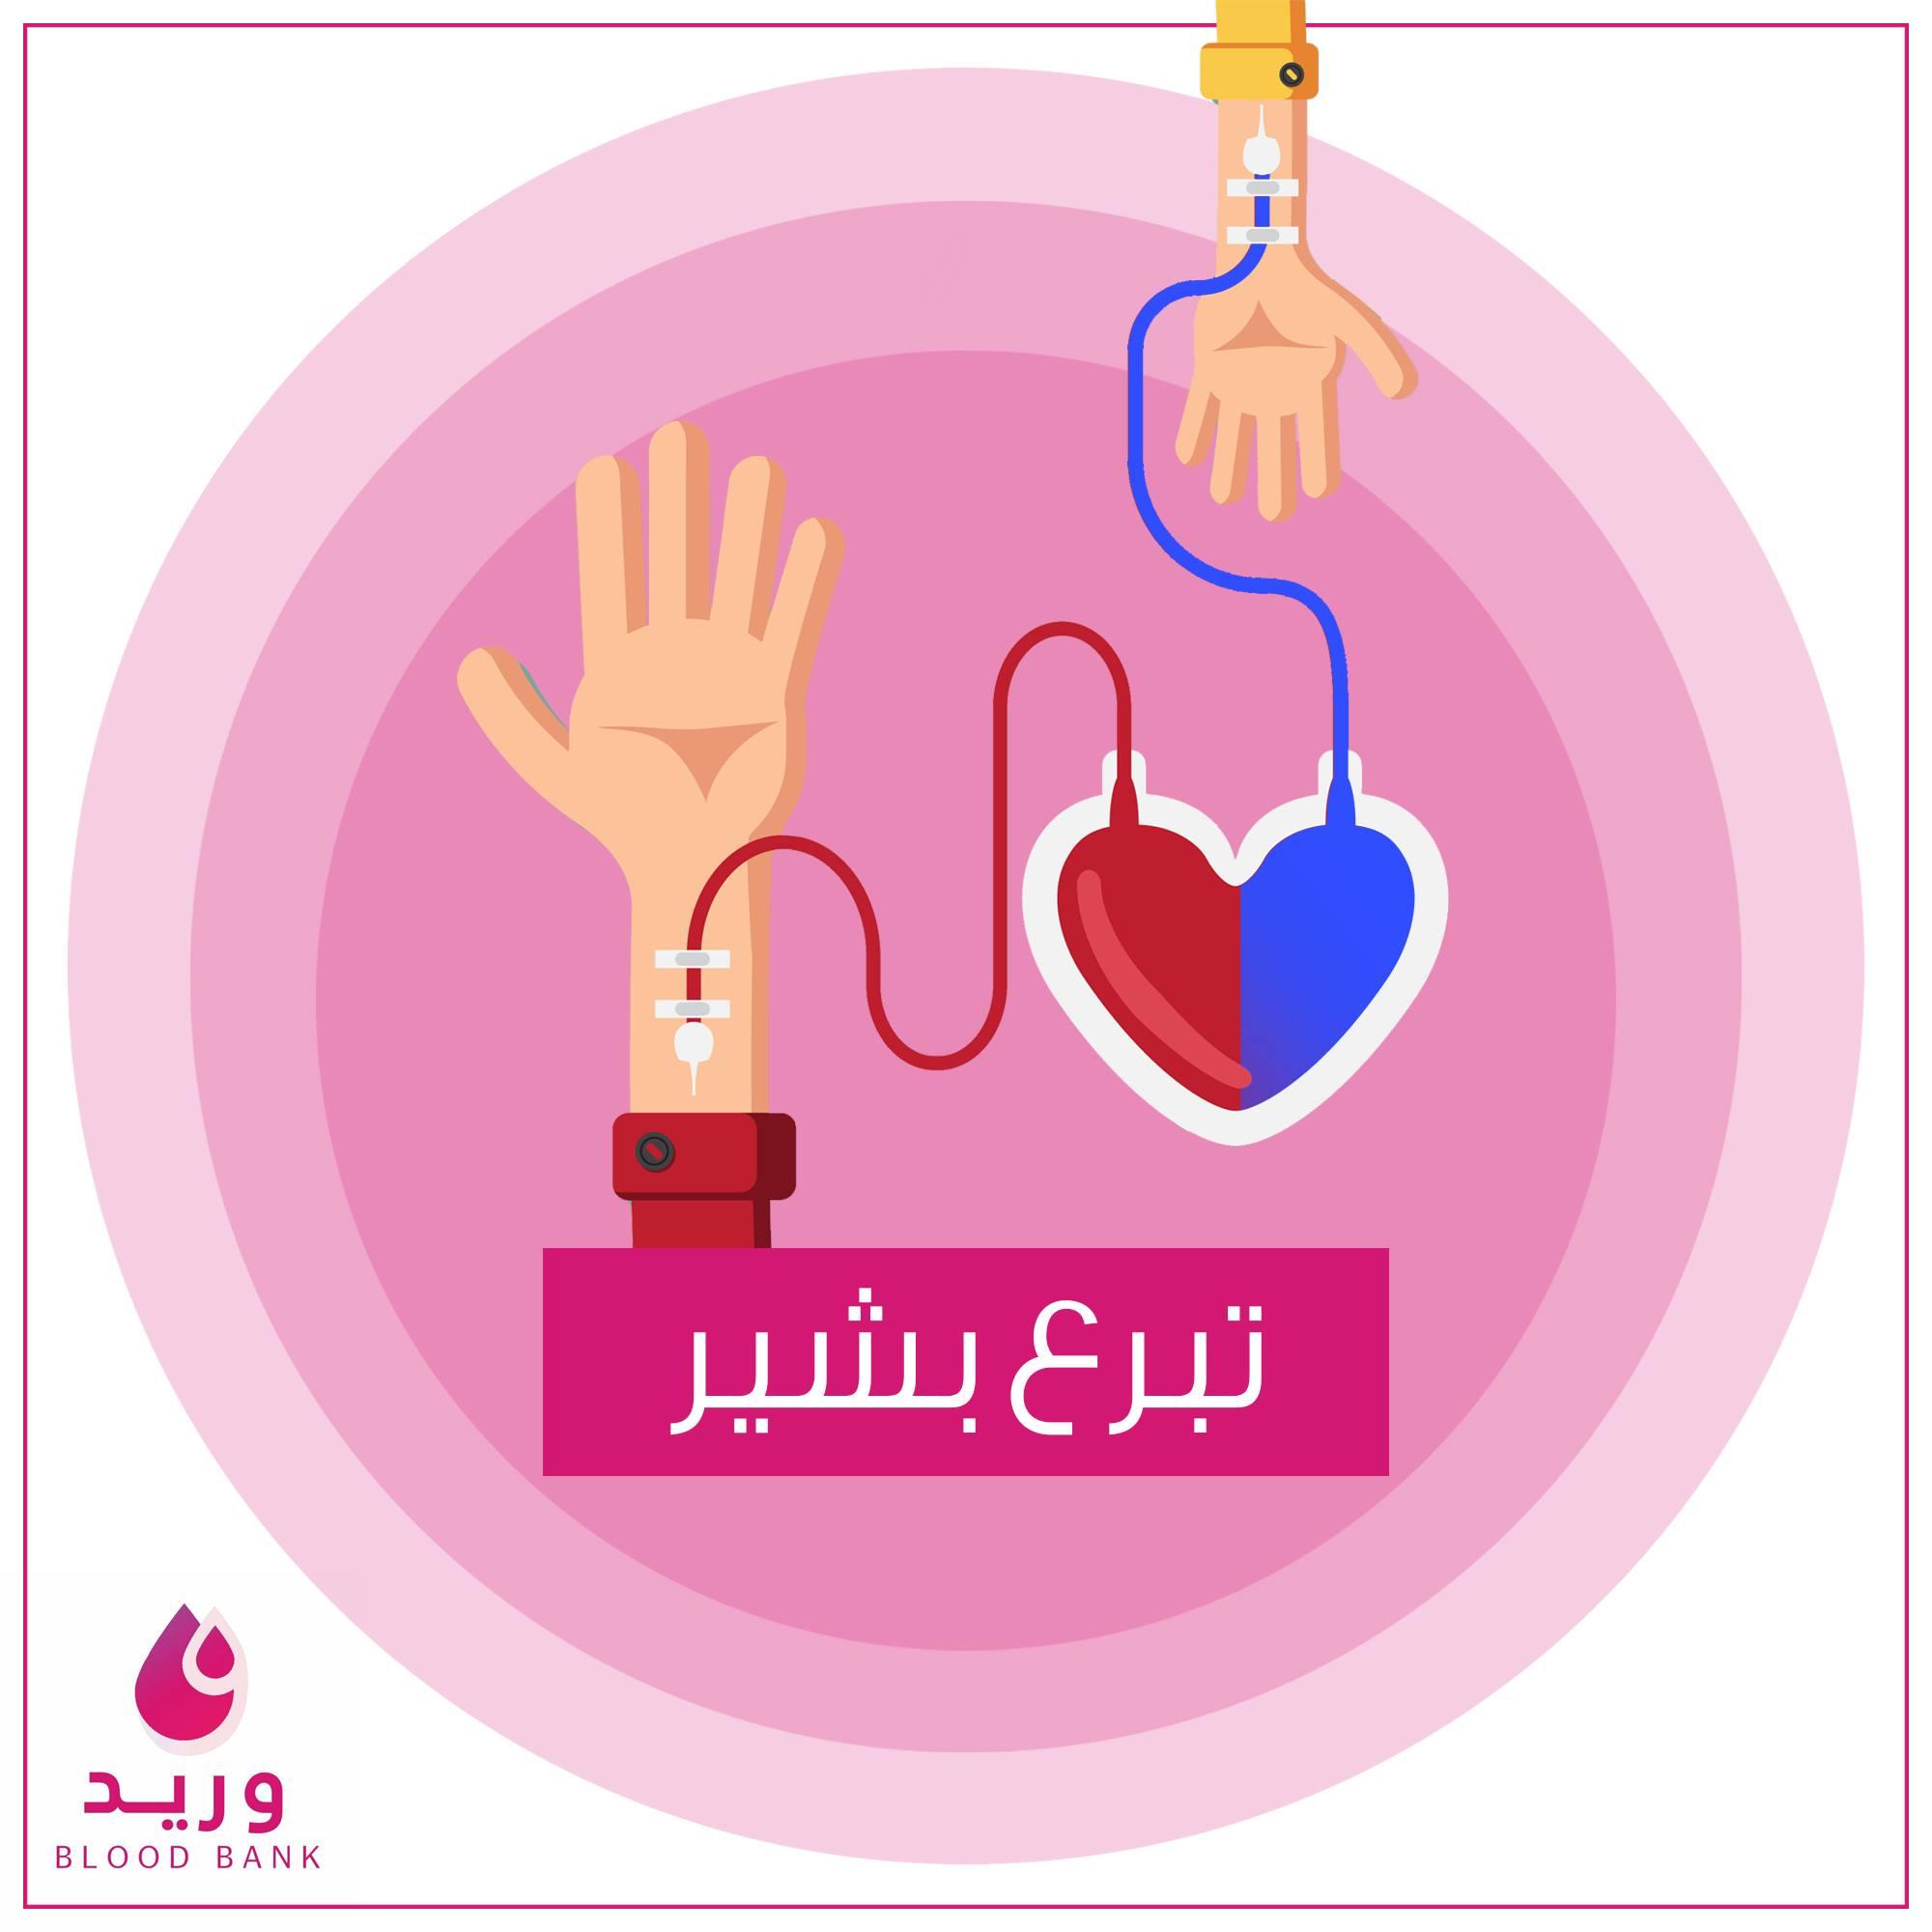 ممكن تتبرع بشي غير الدم